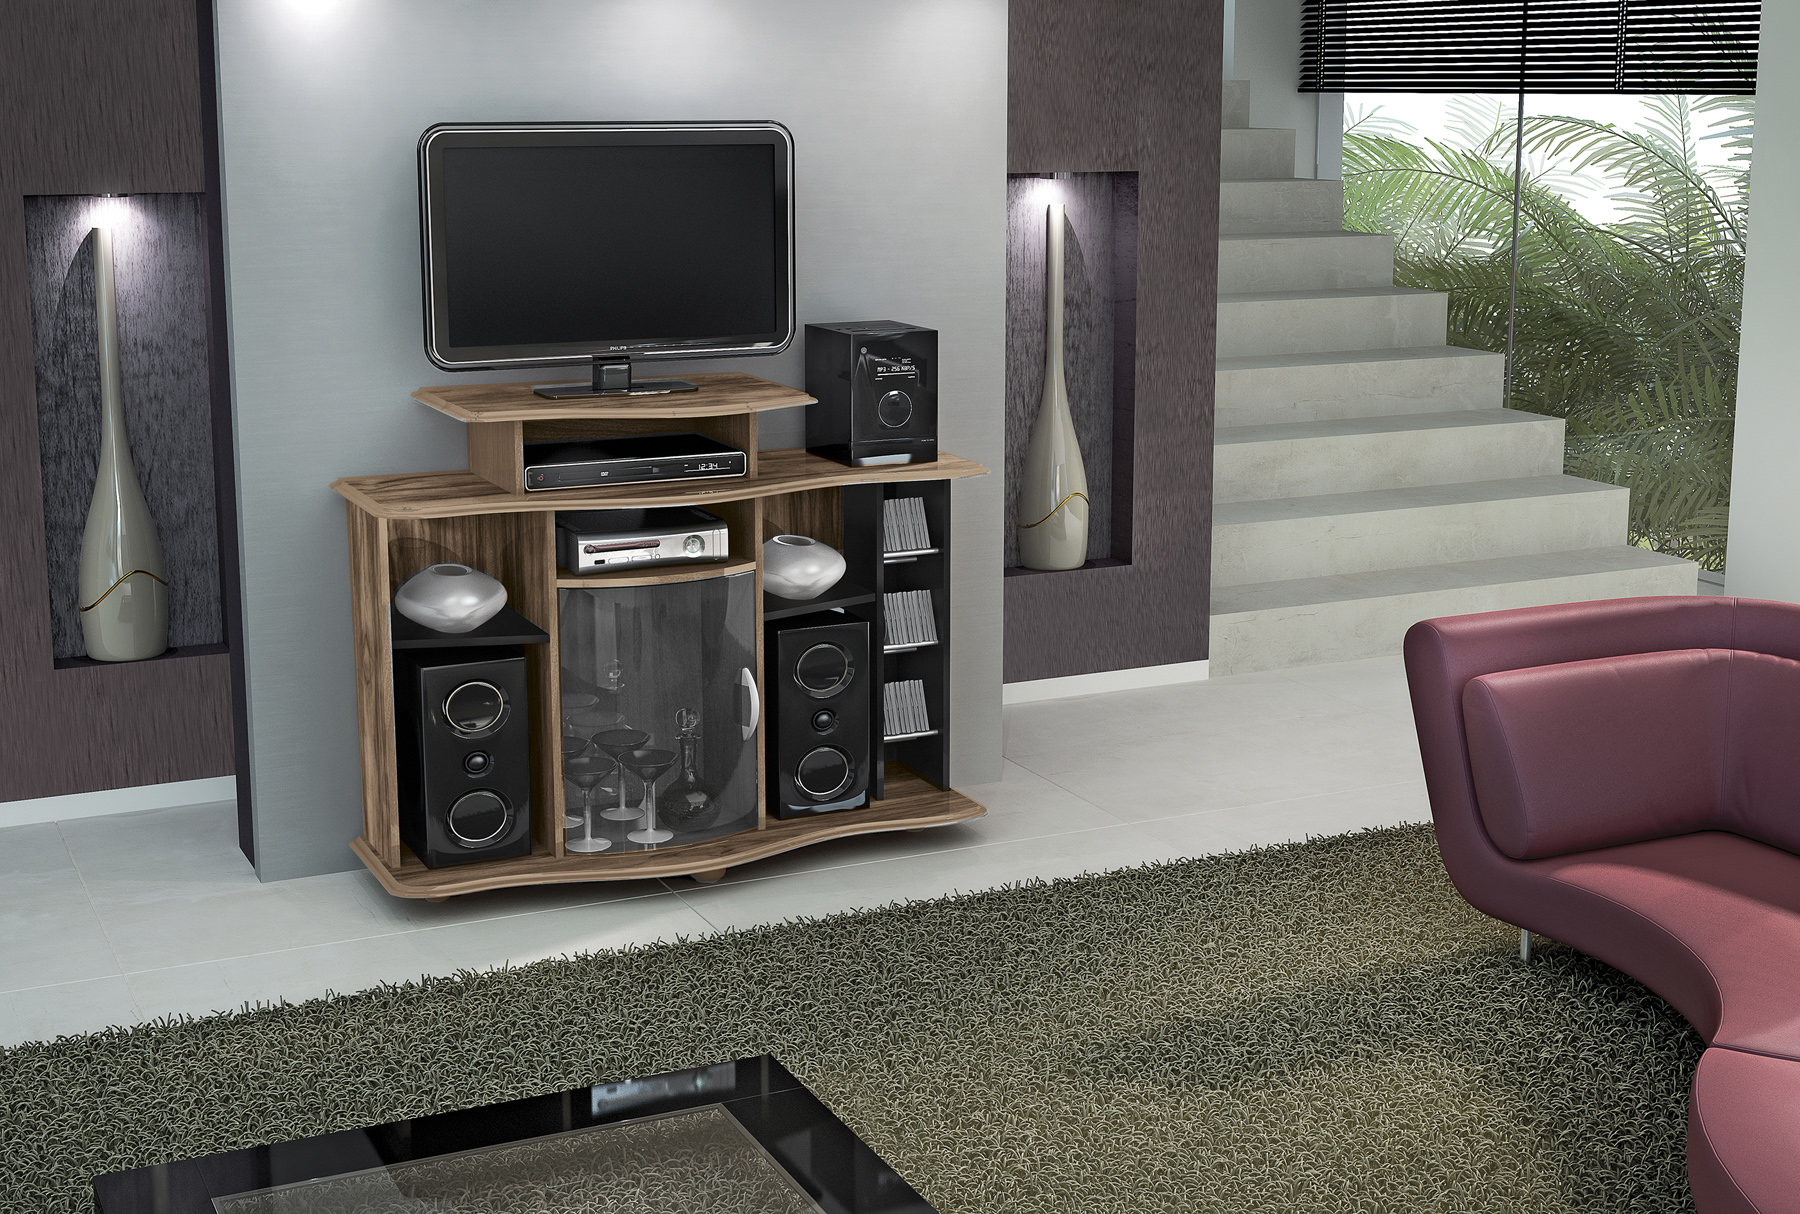 Mueble Para Tv Pantalla Equipo De Sonido Milao Cod 5165 Labnash # Muebles Tasa Cero